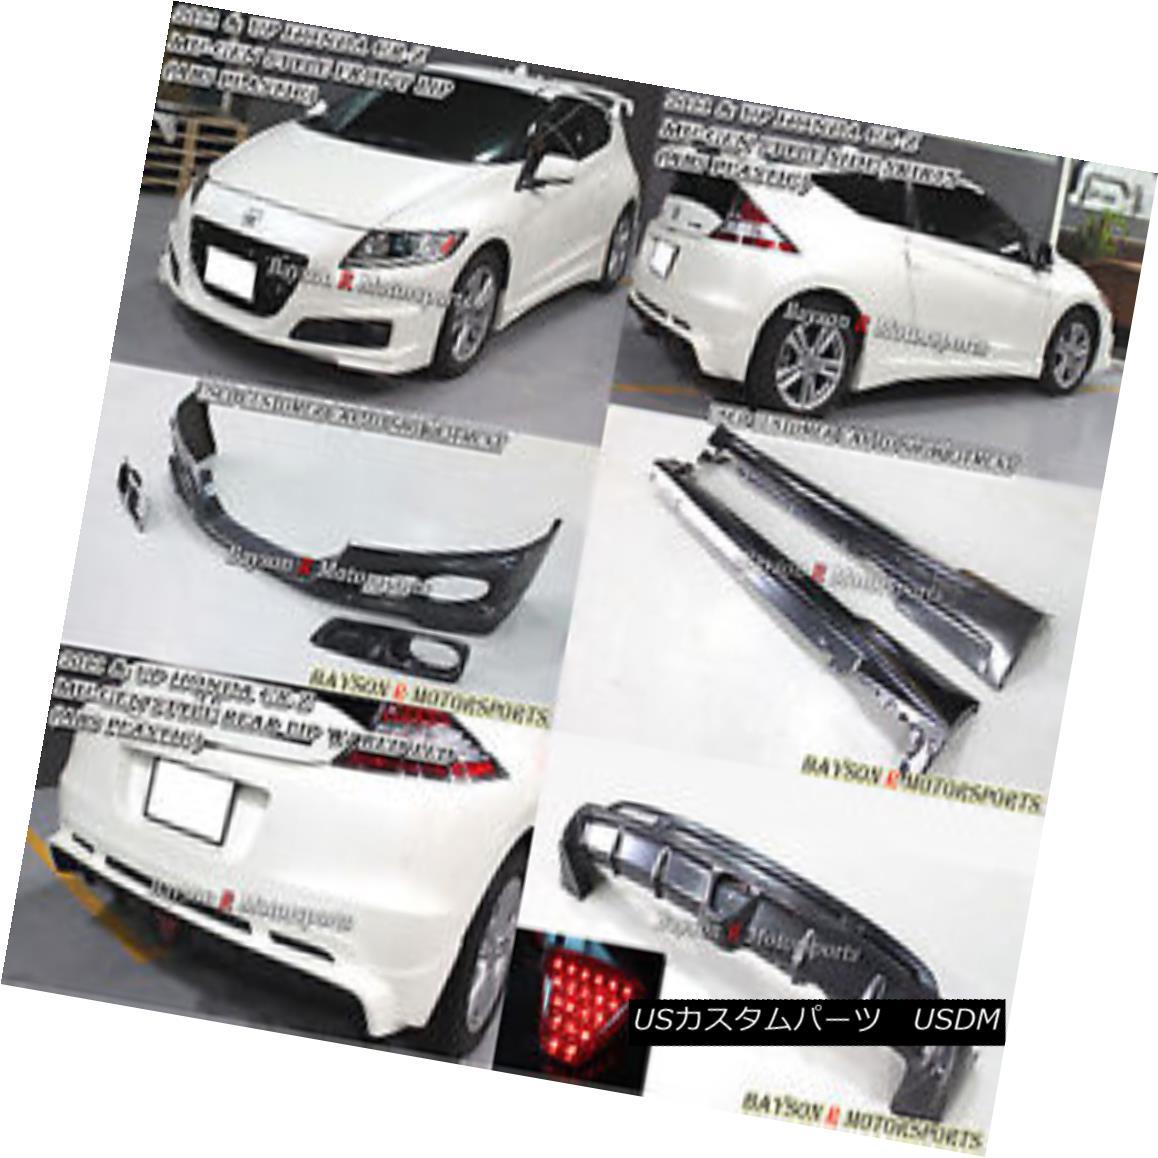 エアロパーツ Mu-gen Style Full Lip Kit (ABS) Fits 11-12 CR-Z 2dr Mu-genスタイルフルリップキット(ABS)11-12 CR-Z 2dr